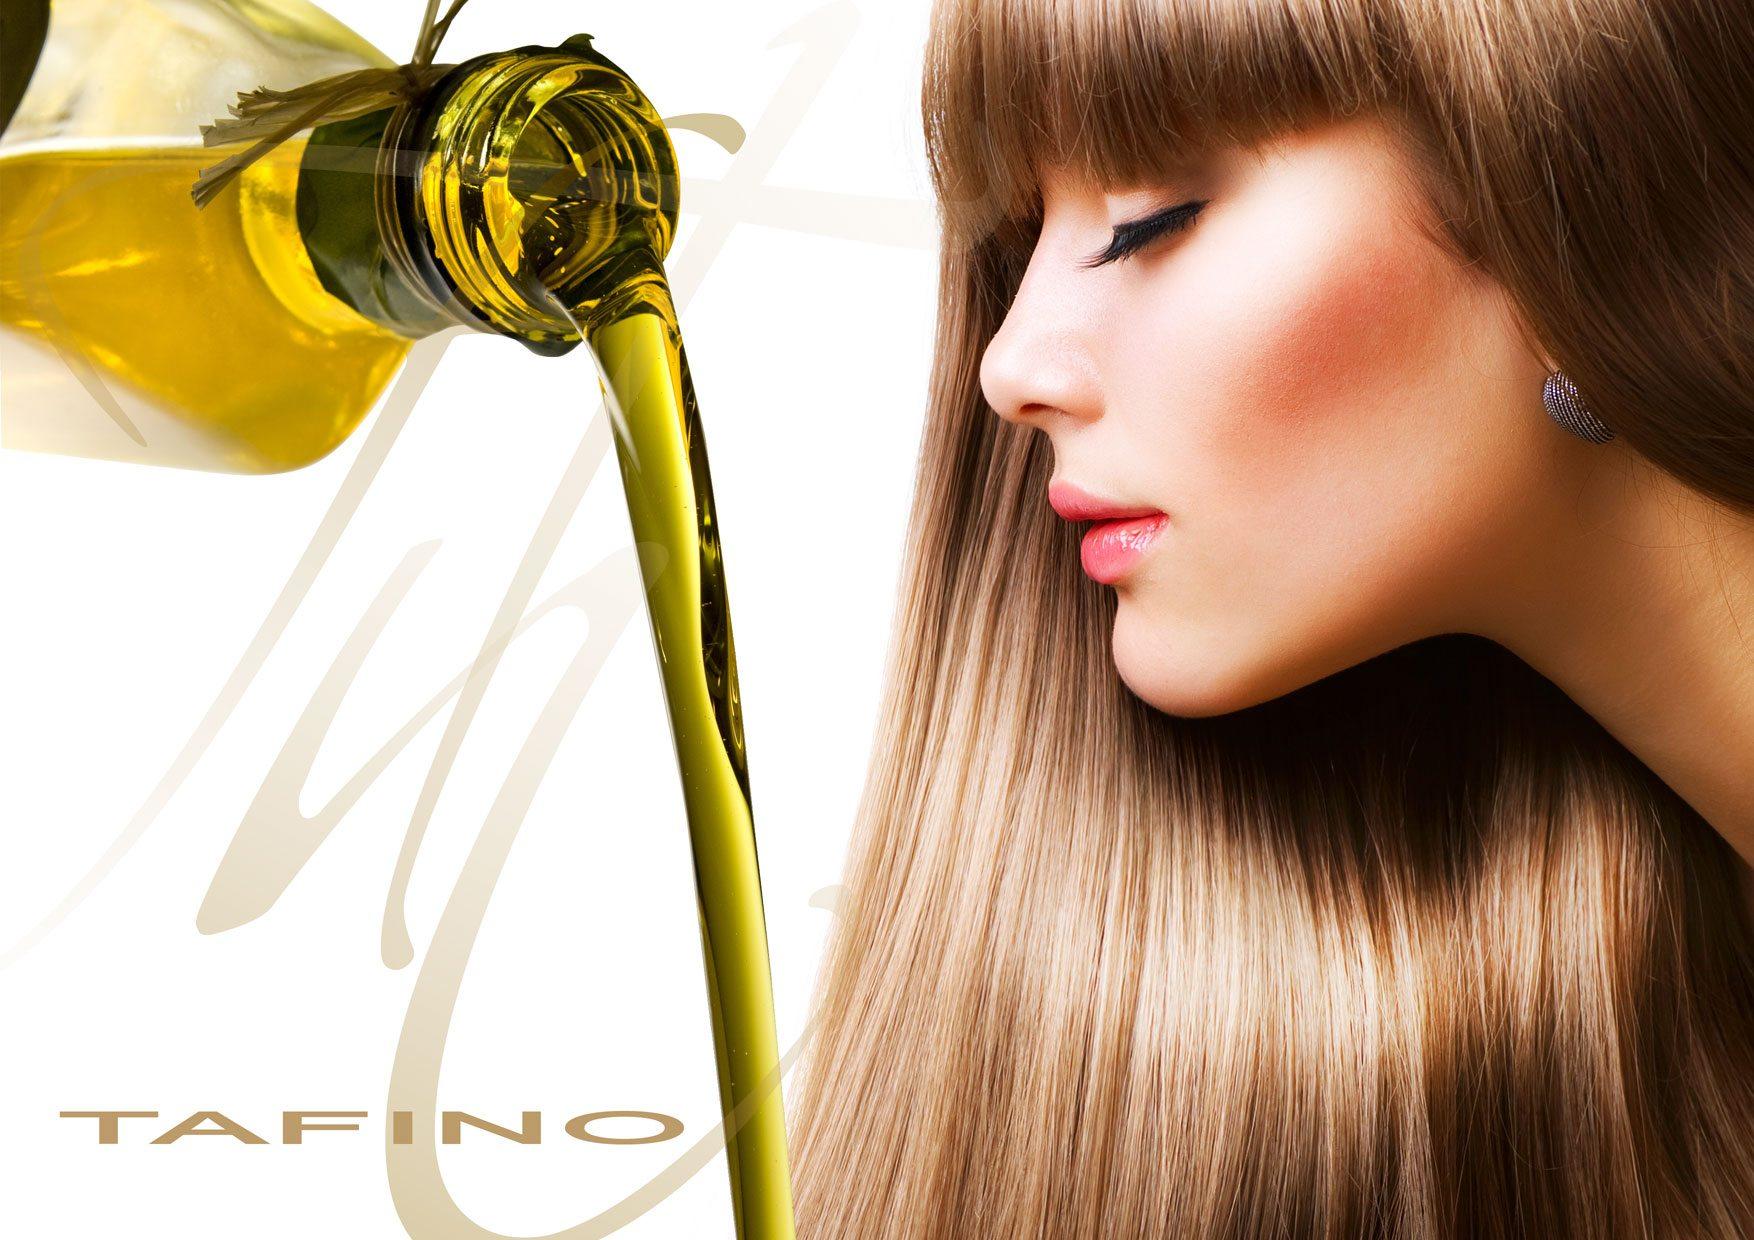 Măști cu ulei măsline pentru toate tipurile de păr